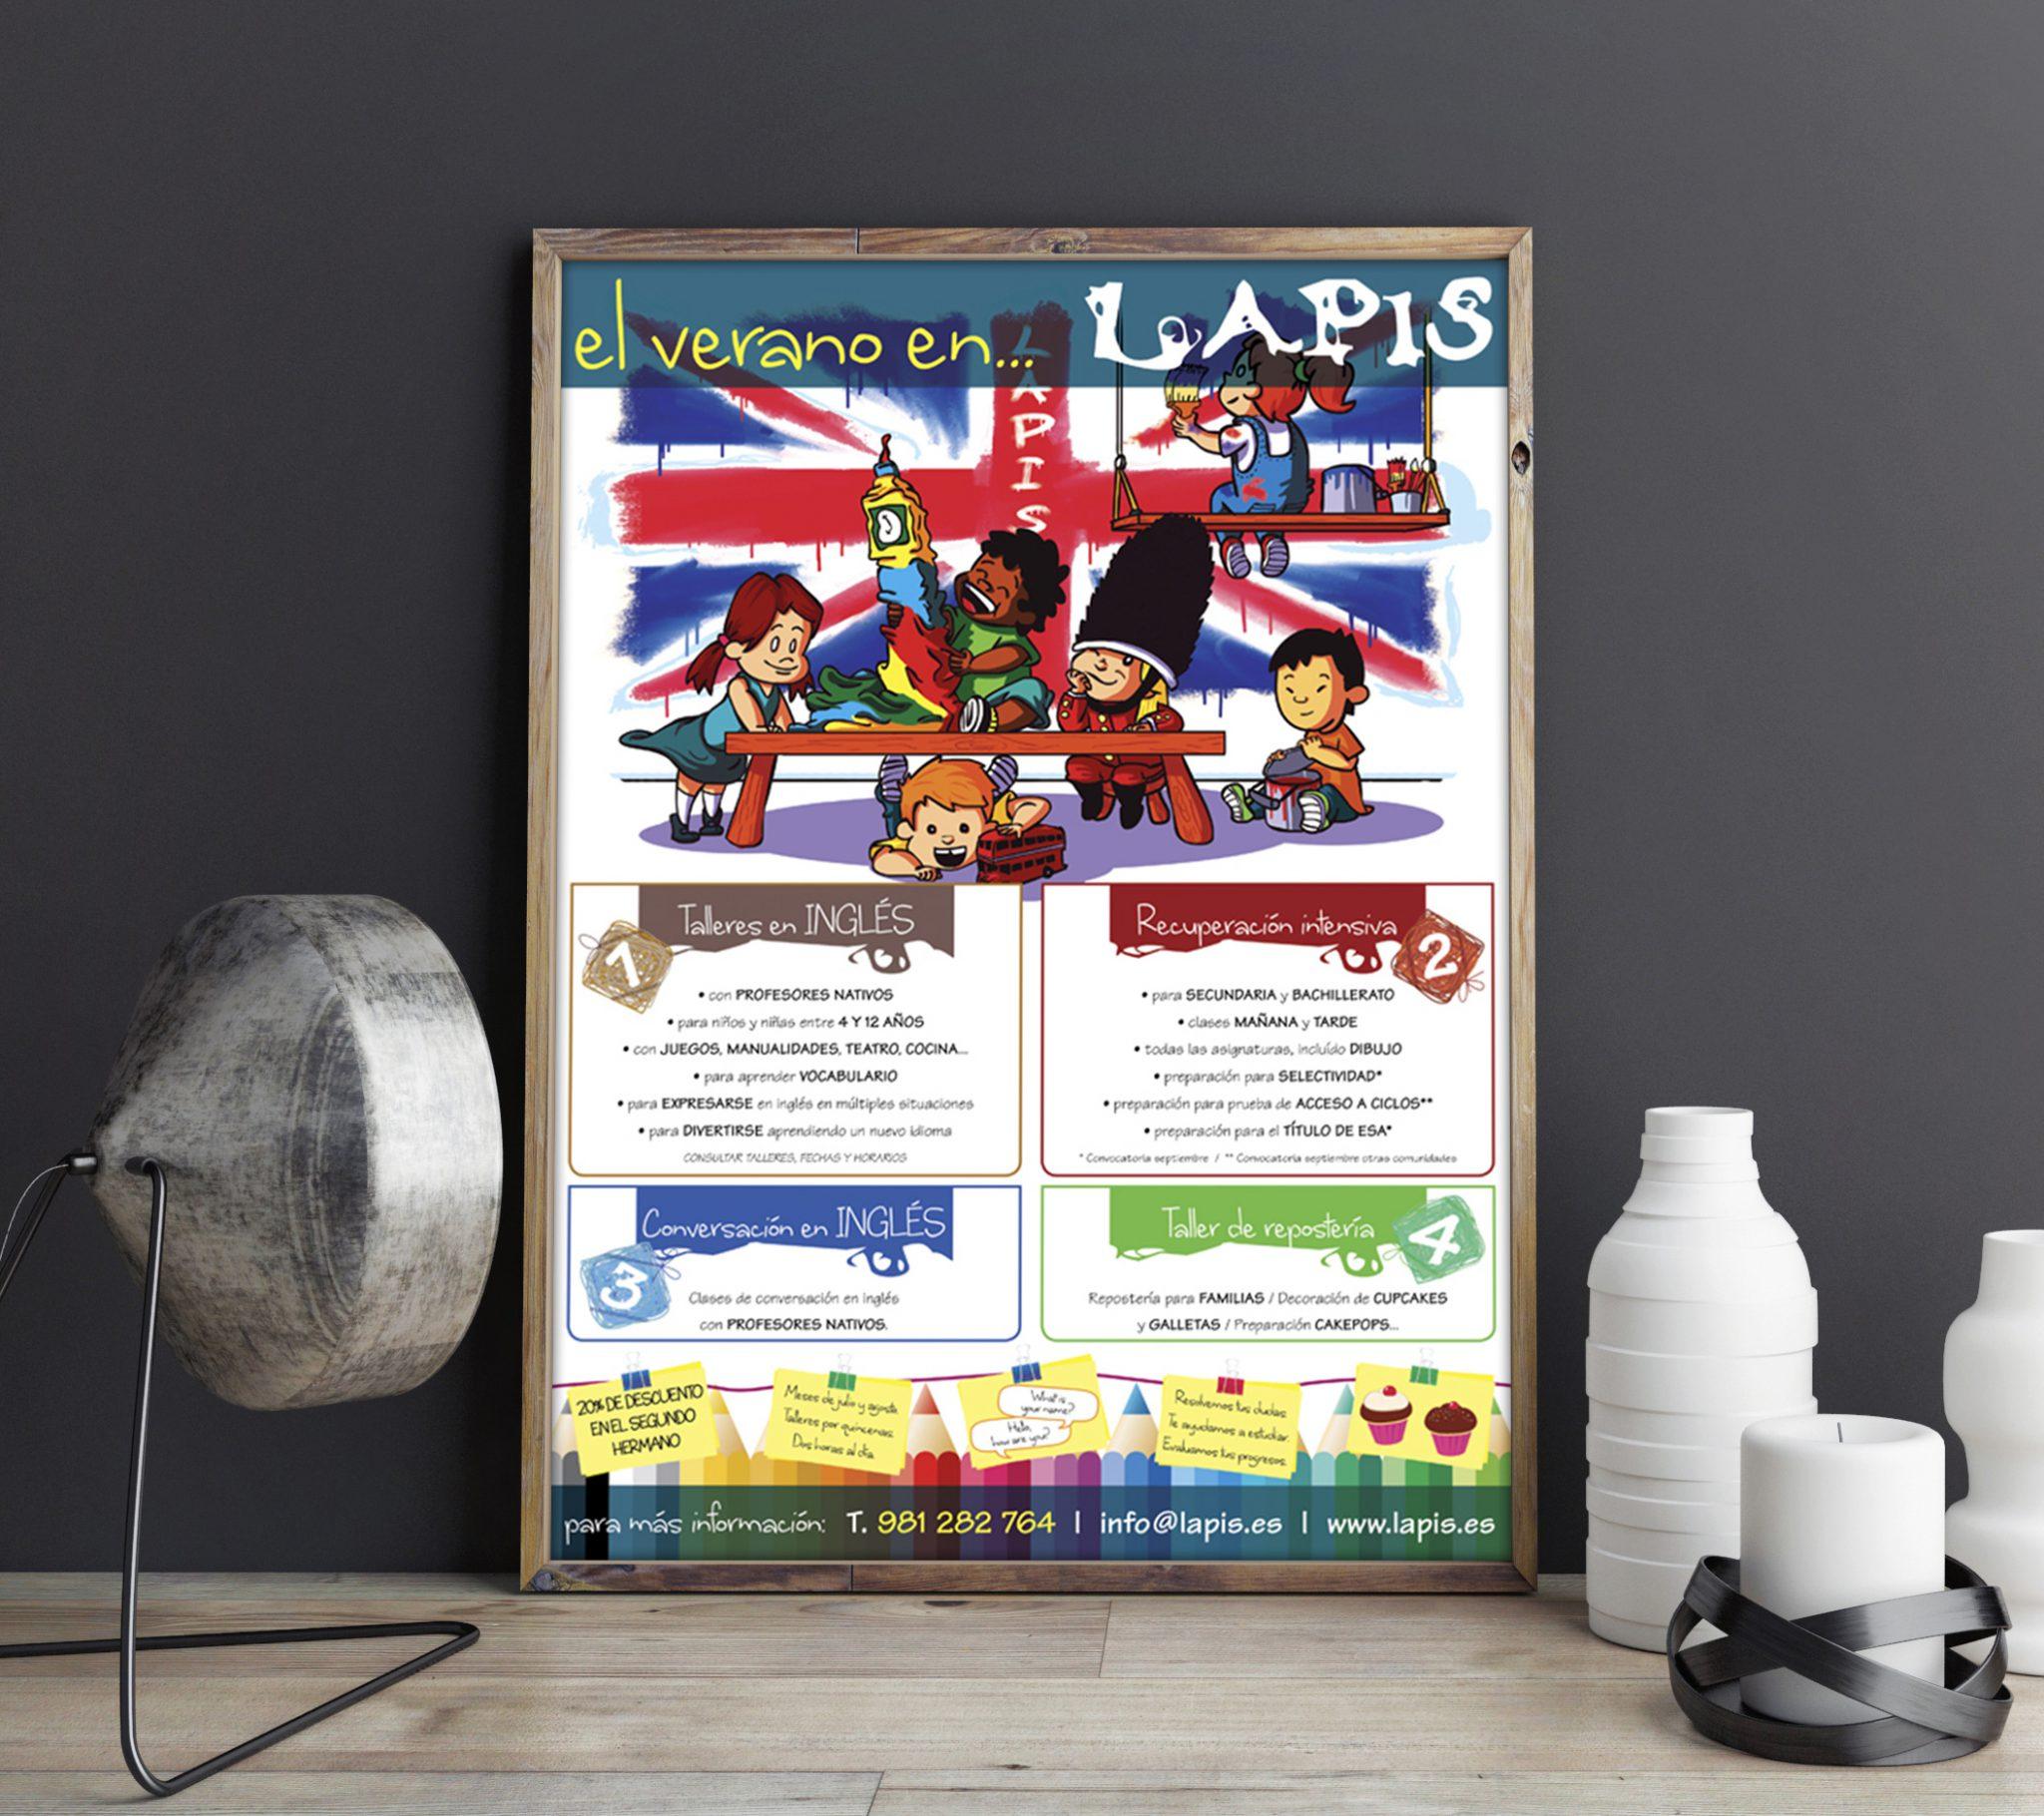 LAPIS_CARTEL_VERANO-diseño-gráfico-diseñador-diseño-publicitario-publicidad-xaniño-coruña-cartelería